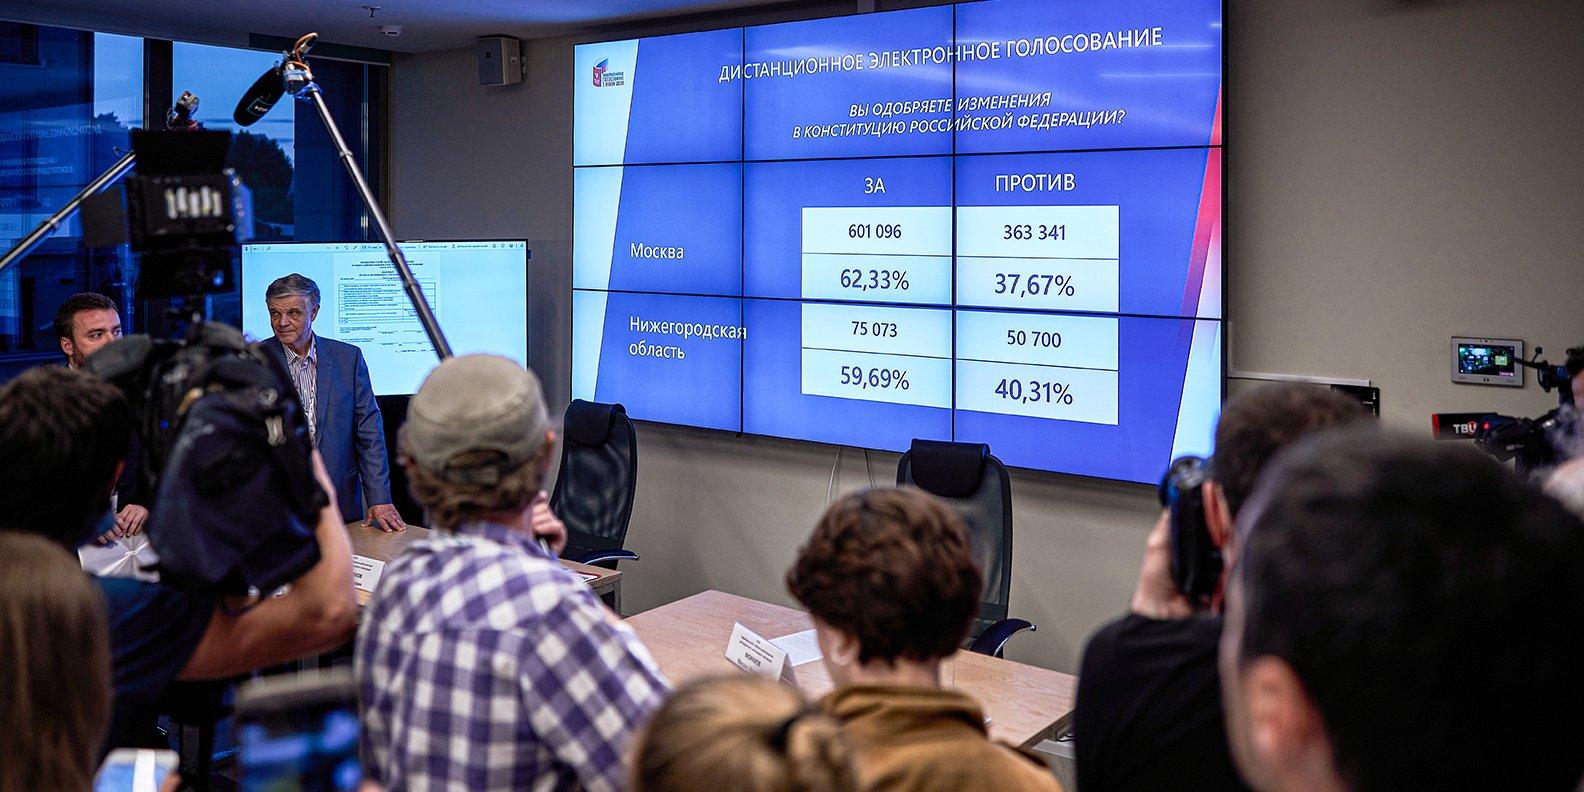 Подведены итоги электронного голосования по поправкам в Конституцию